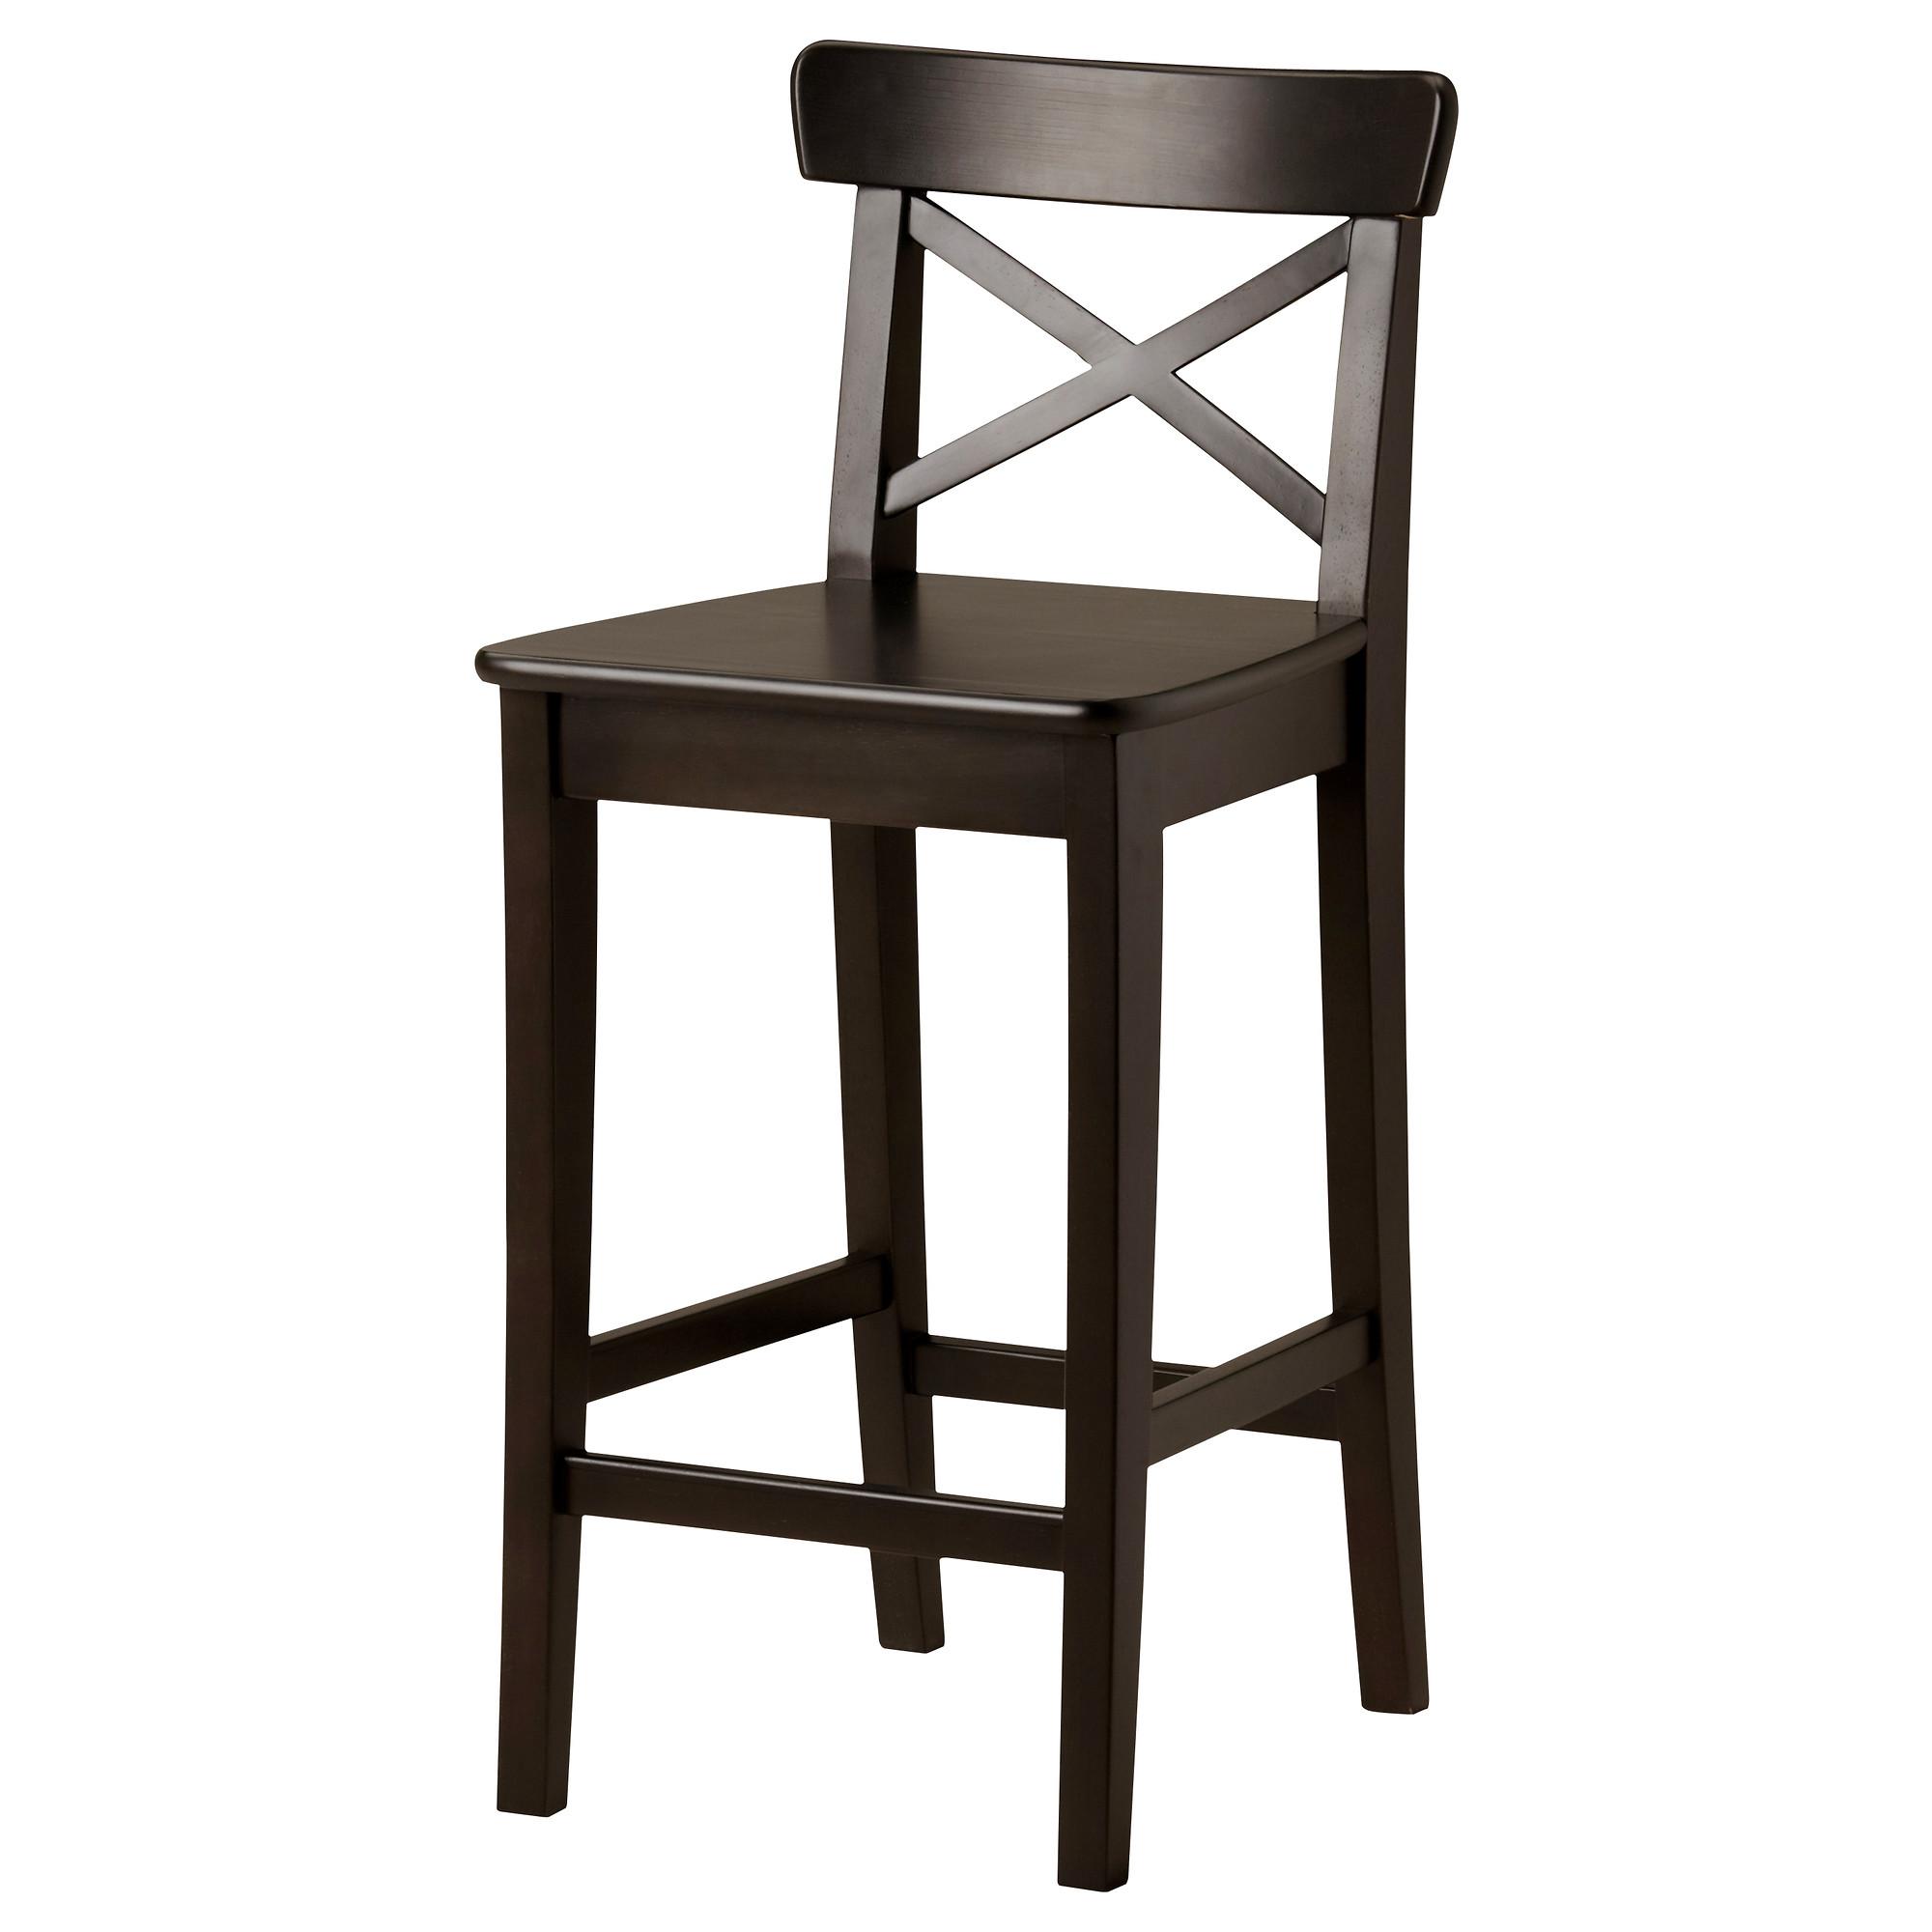 Такой черный стул отлично подойдет для неоклассического или даже деревенского стиля кухни